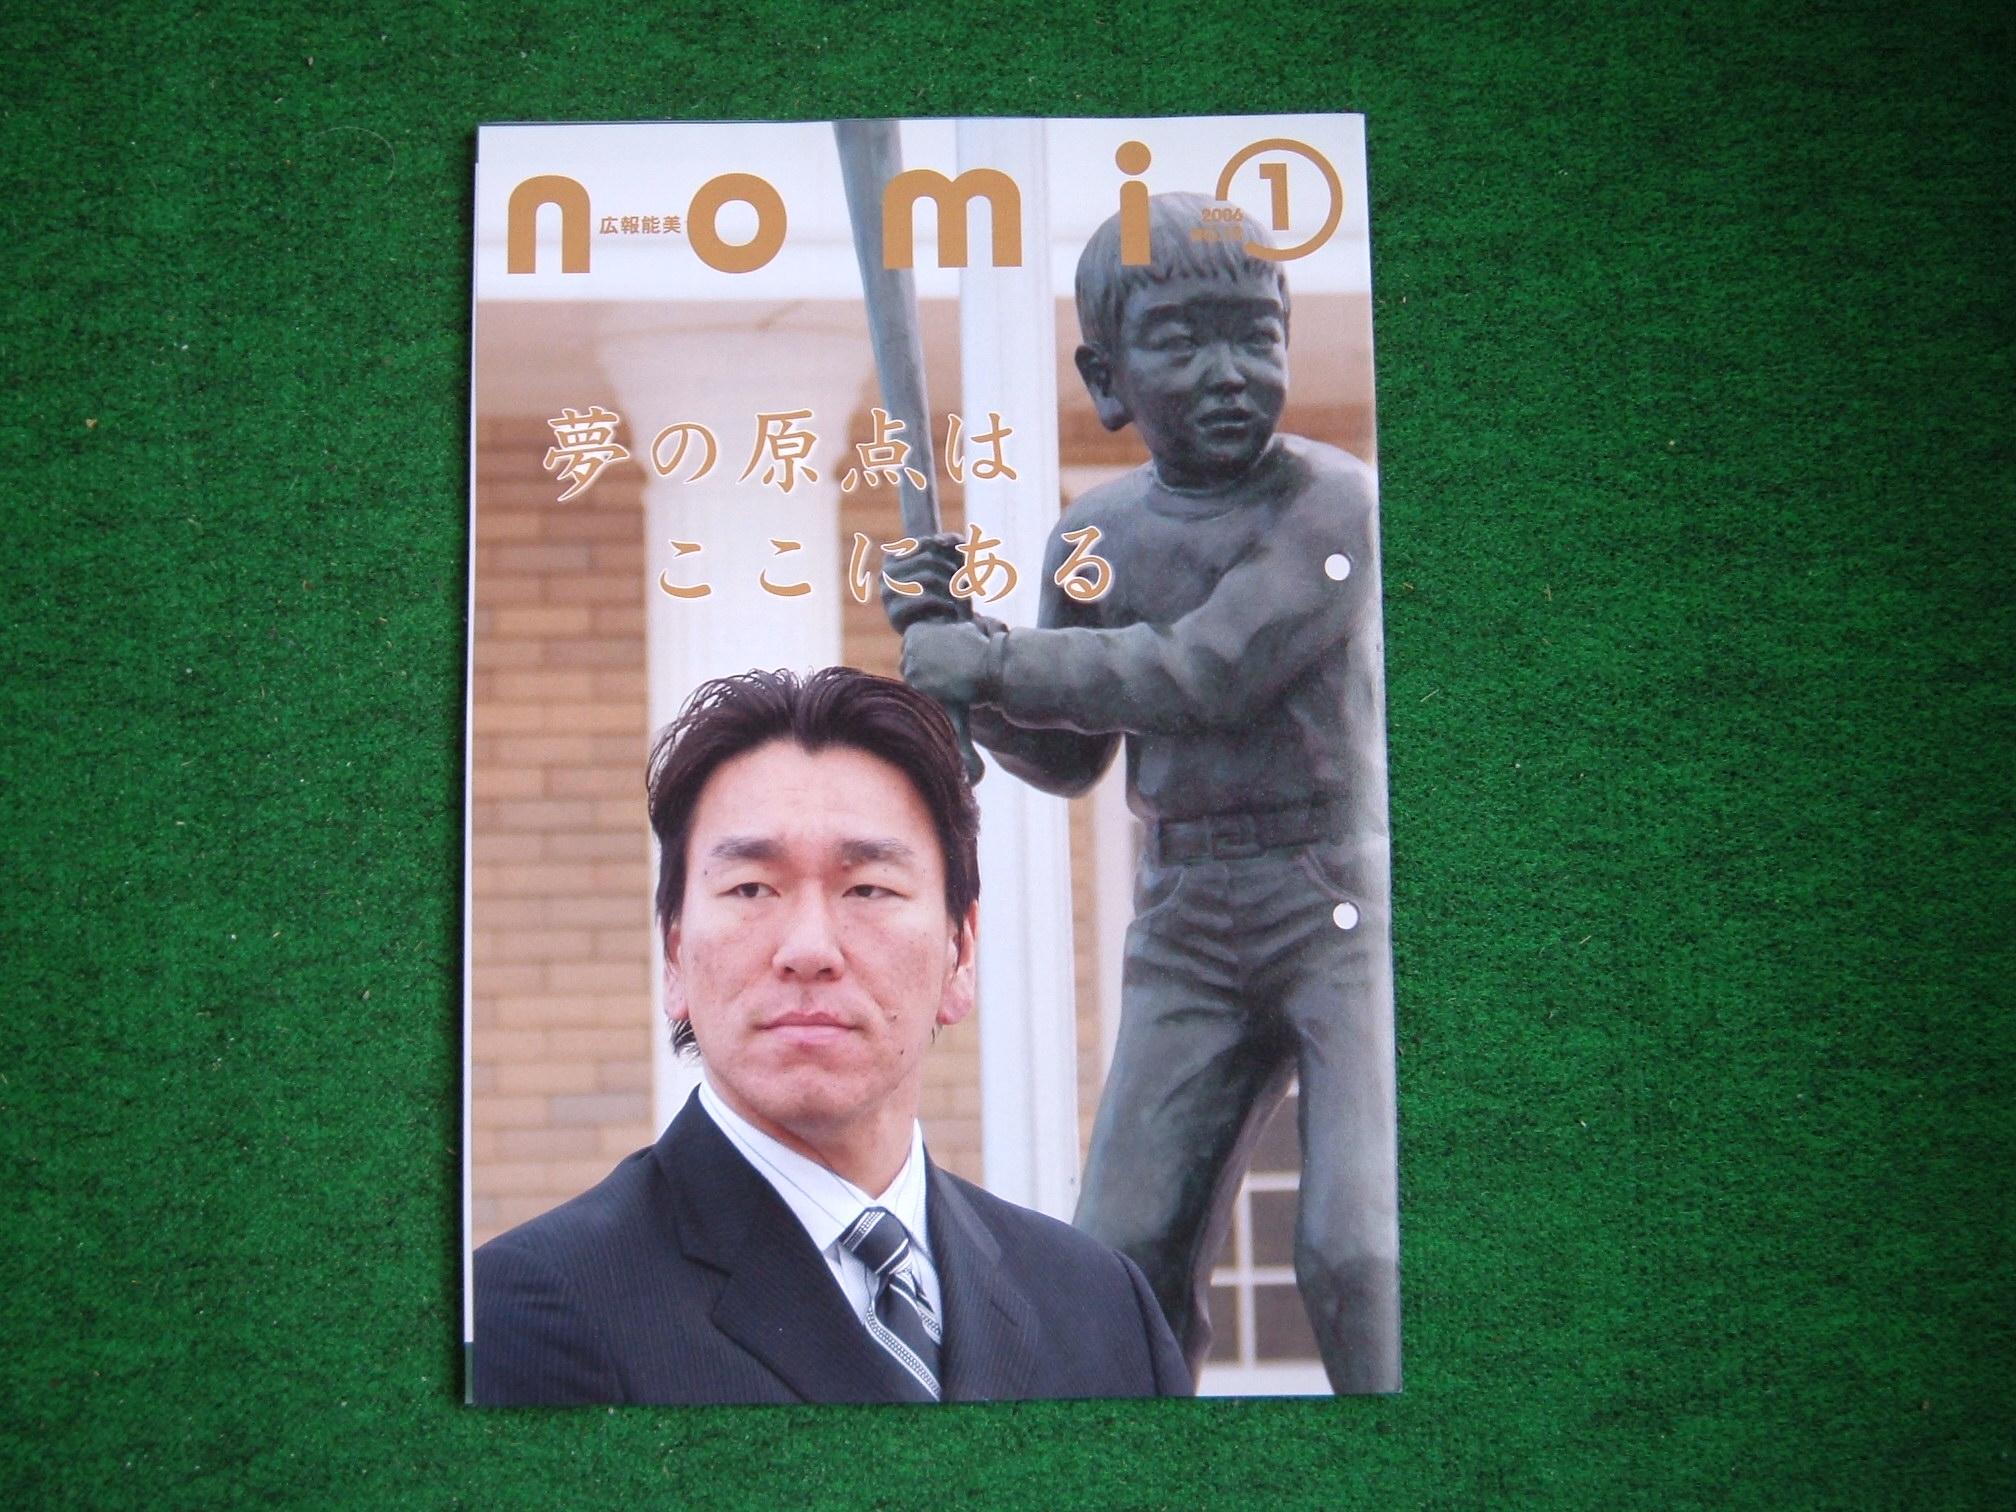 鈴木来海の画像 p1_36